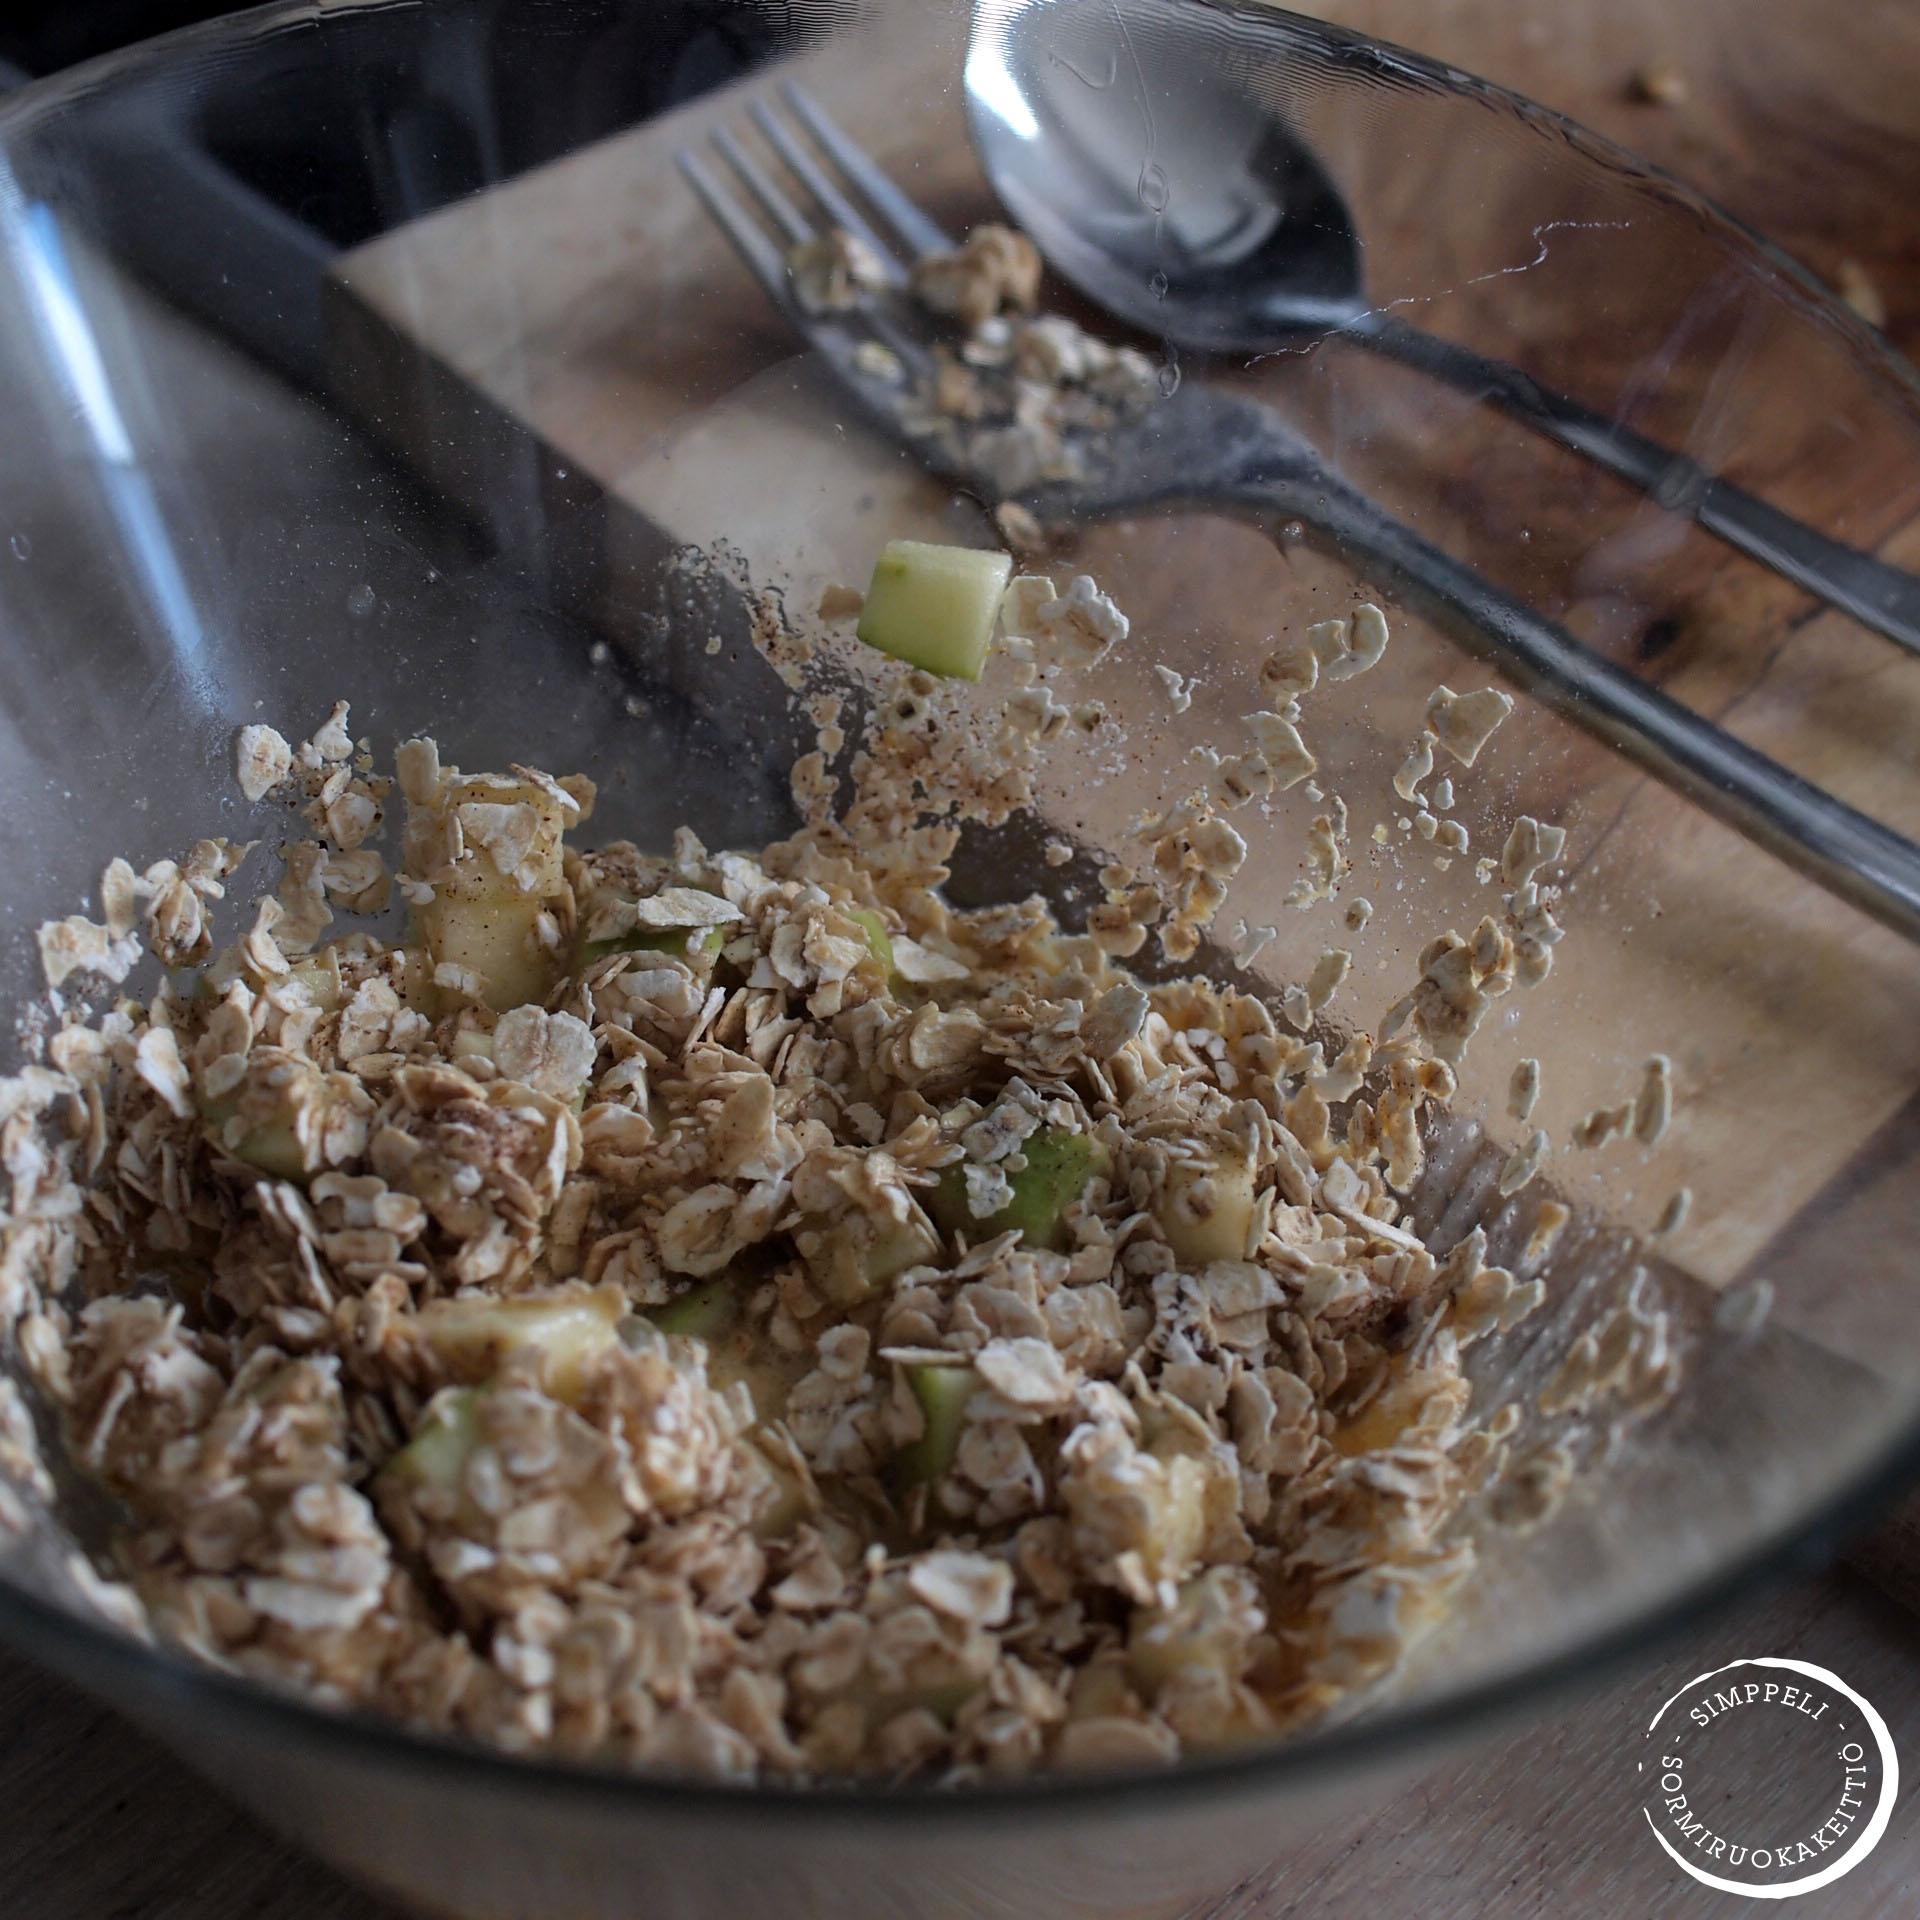 Mukimuffinsin voi valmistaa myös suoraan siinä mukissa, joka mikroon on menossa. Minä tein taikinan kuitenkin omassa kulhossa, sillä tein mukimuffinseja kaksi.